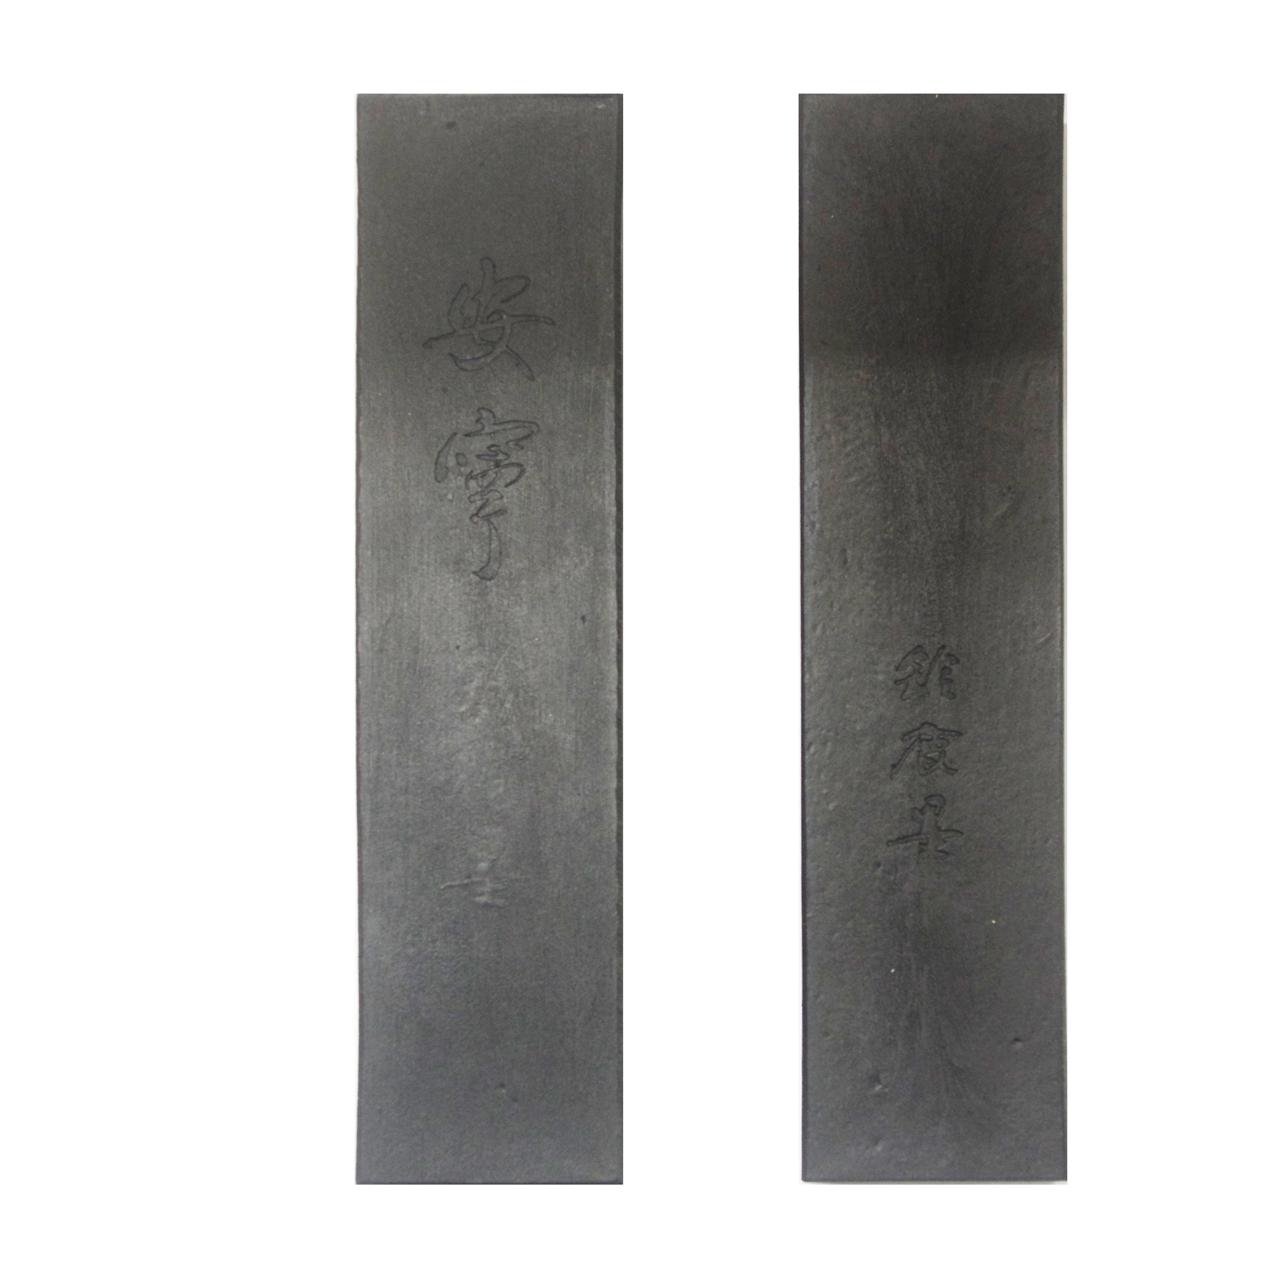 油煙墨 安寧5丁型(箱無し)